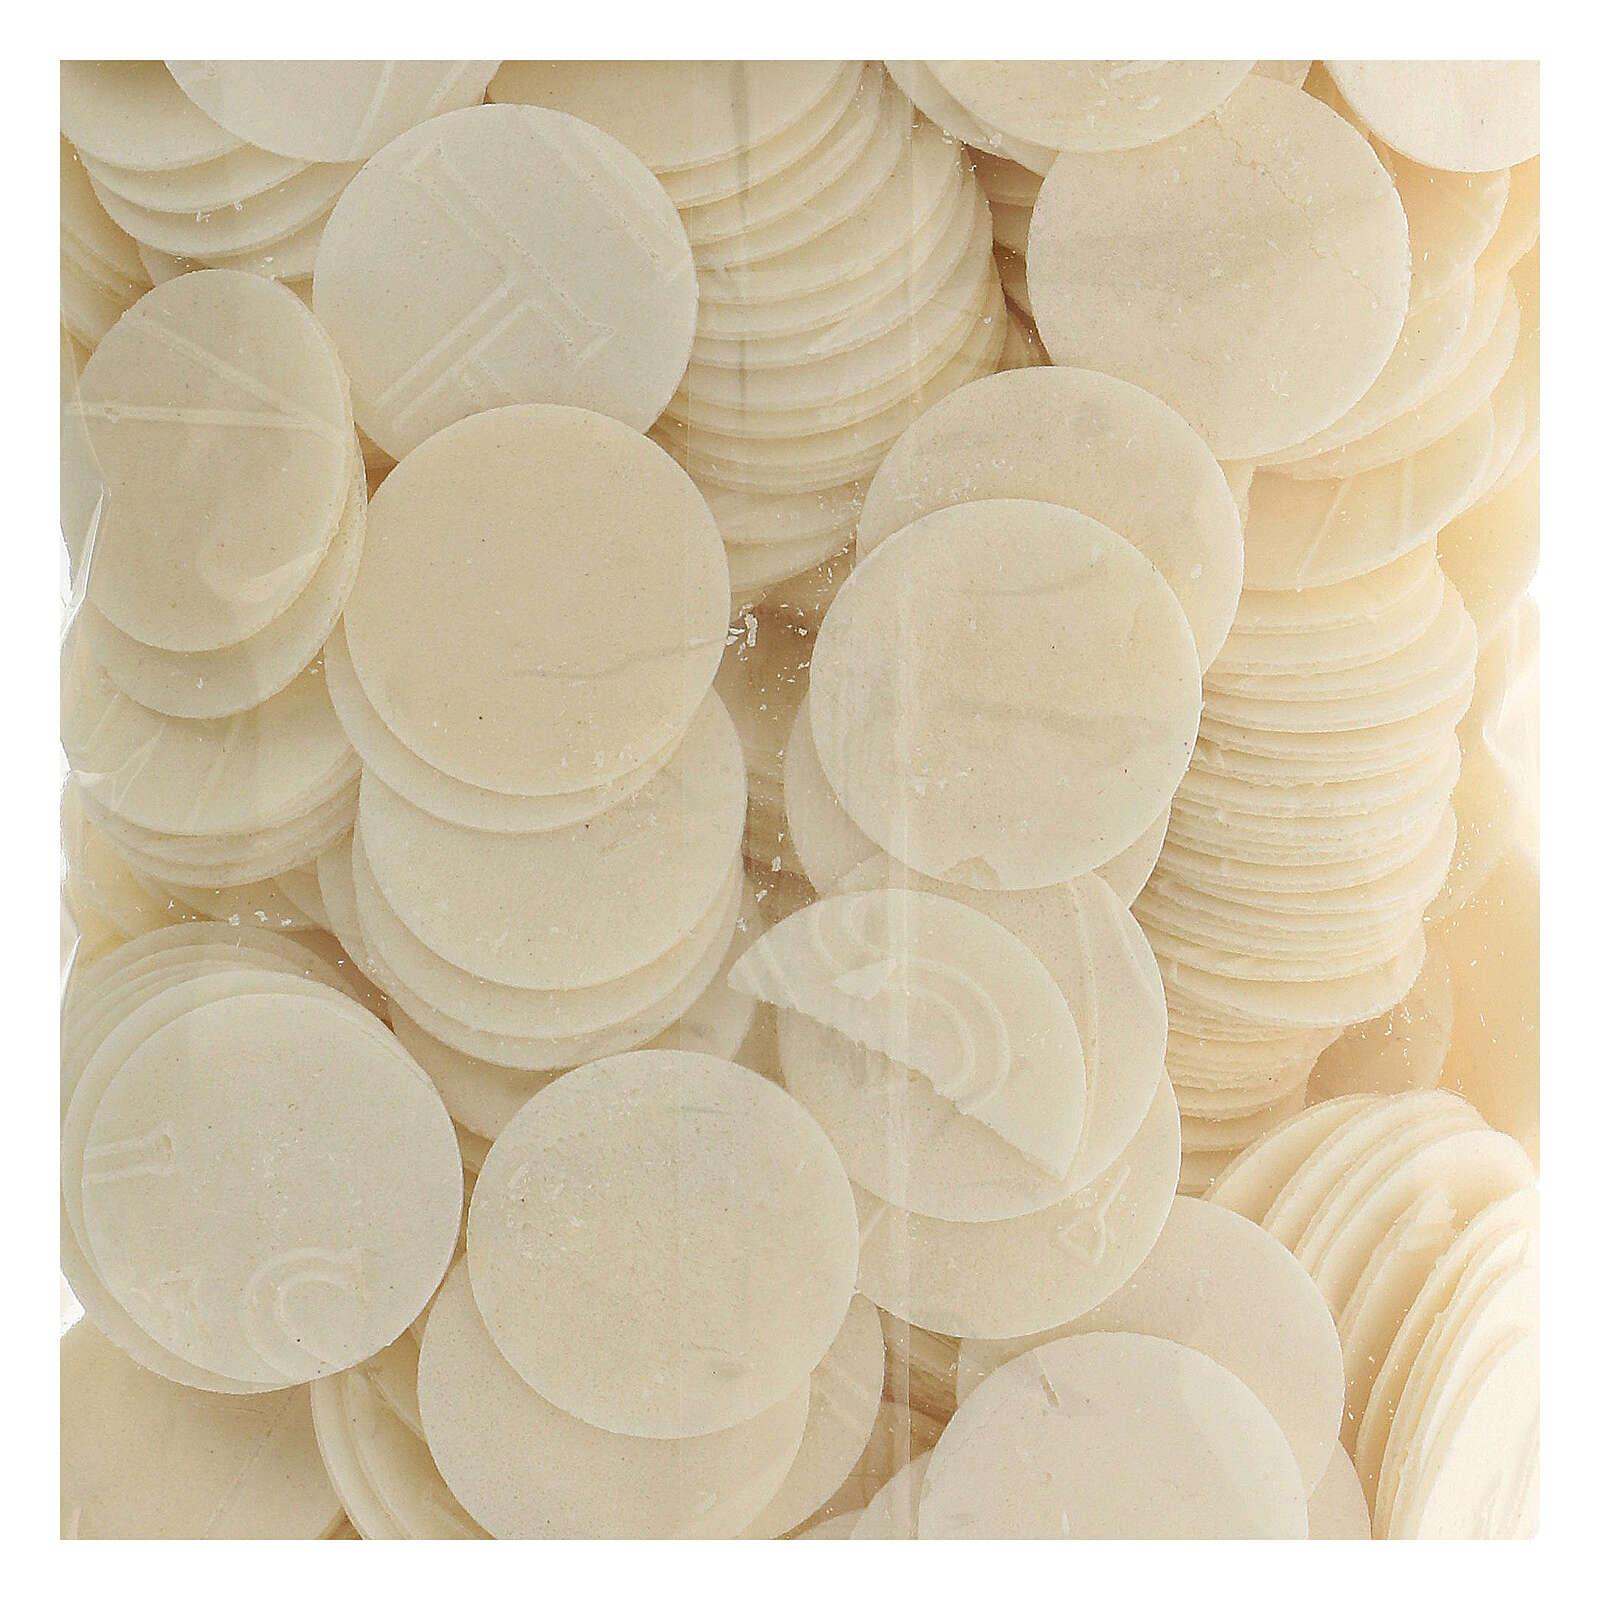 Brothostien 500 Stück mit einem Durchmesser von 3,5 cm 3